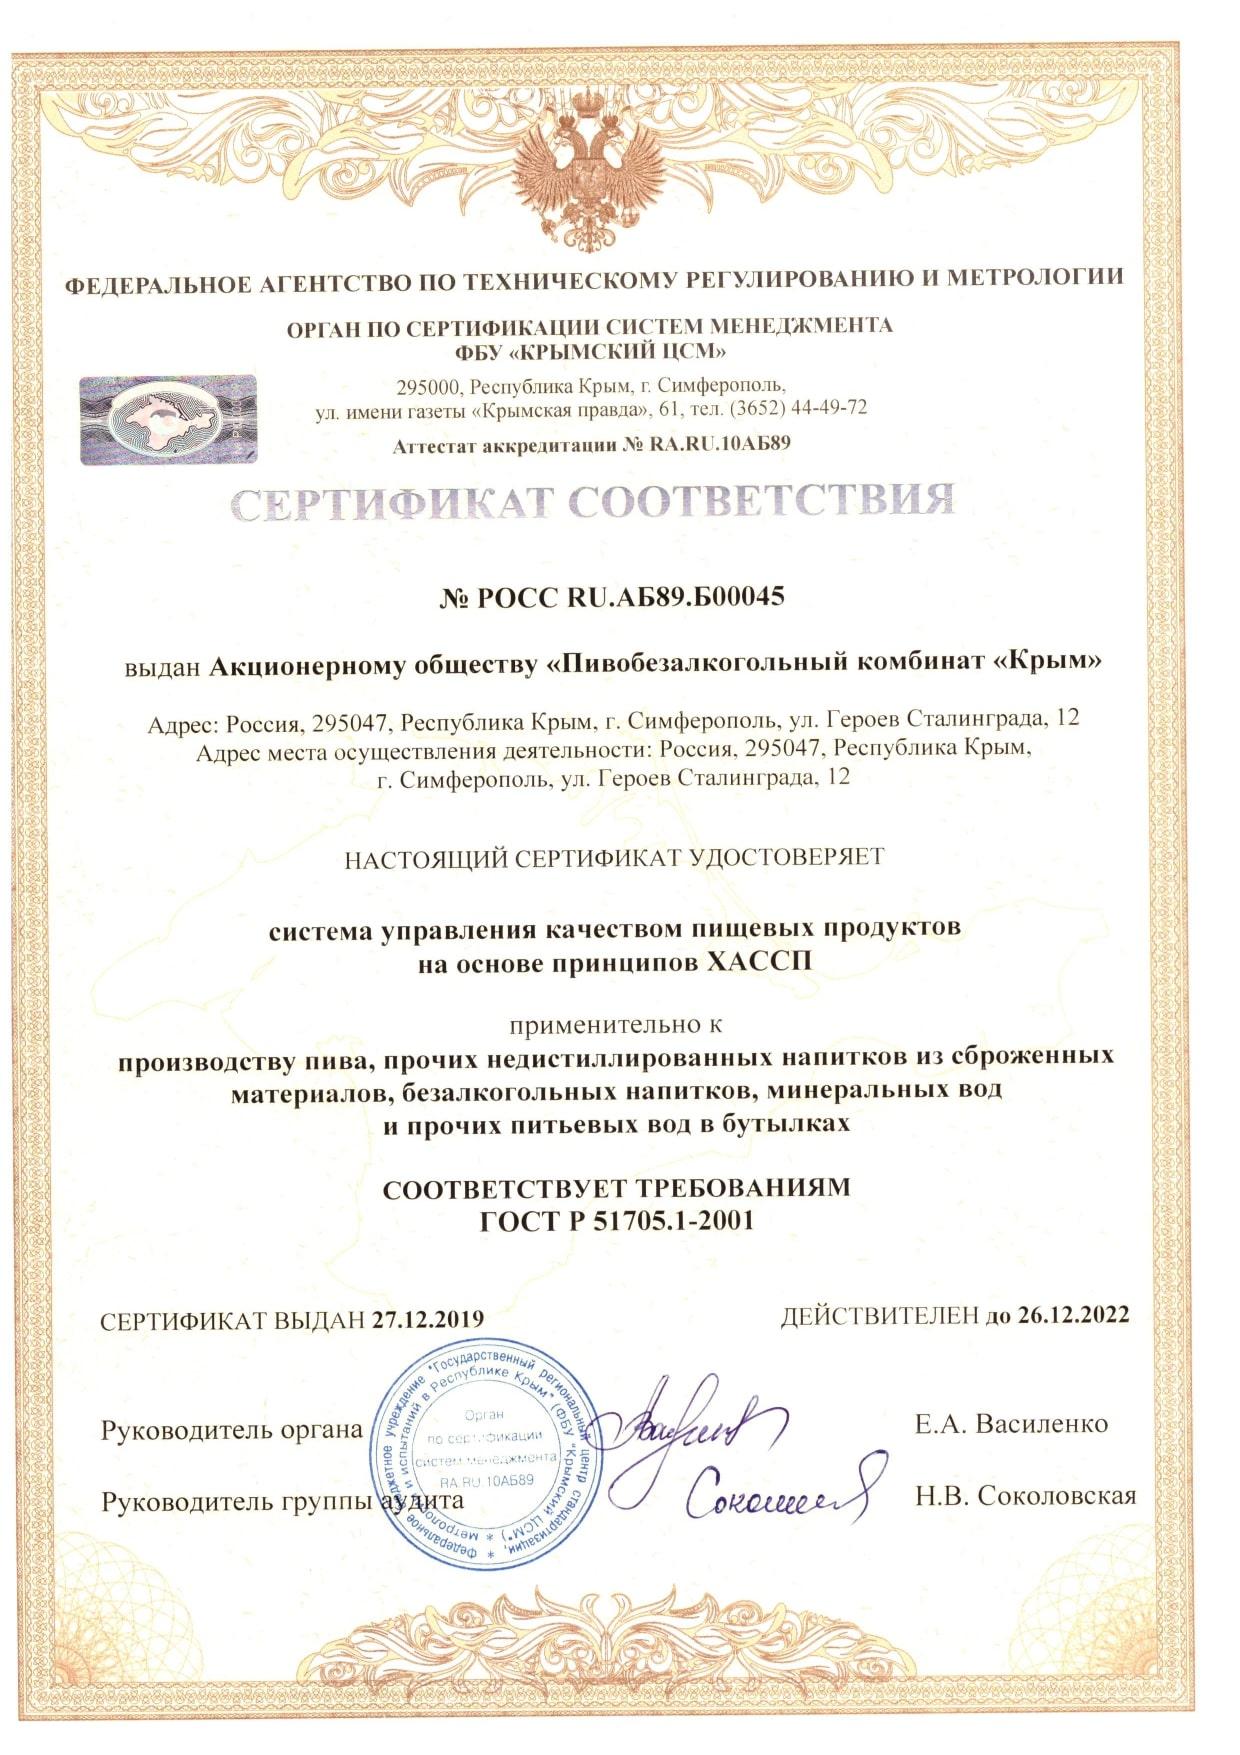 Сертификат соответствия ХАССП